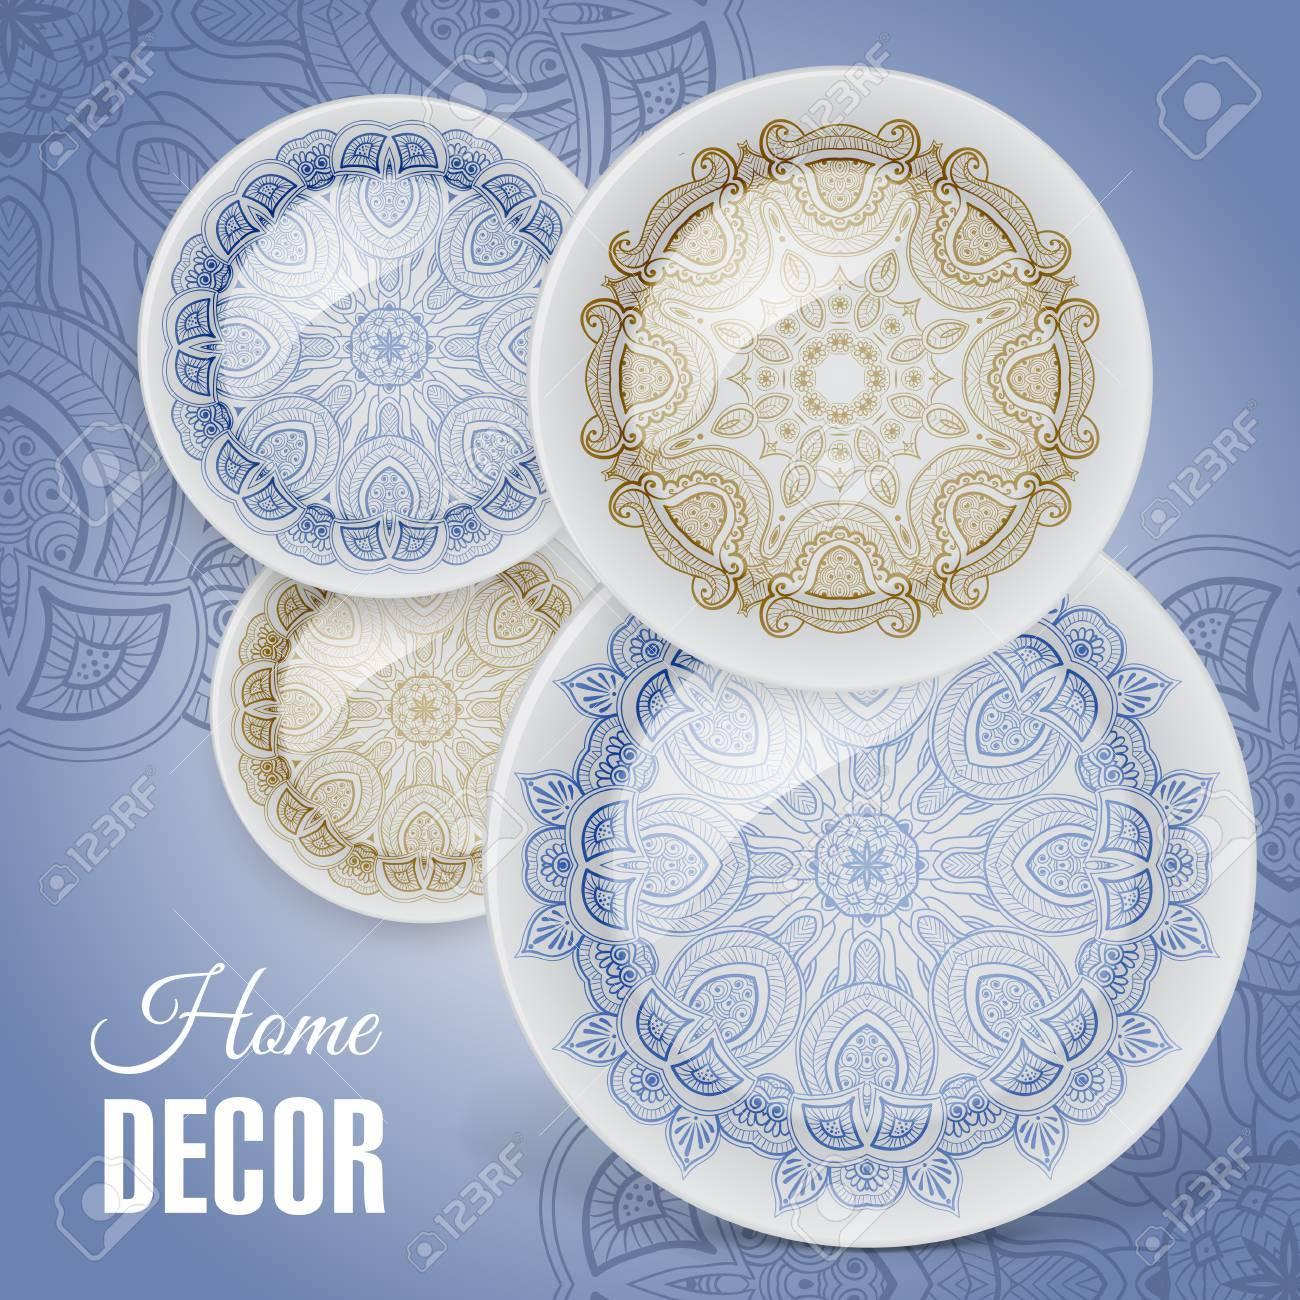 Werbung Banner Mit Dekorativen Keramik-Geschirr Für Geschenk-Shop ...